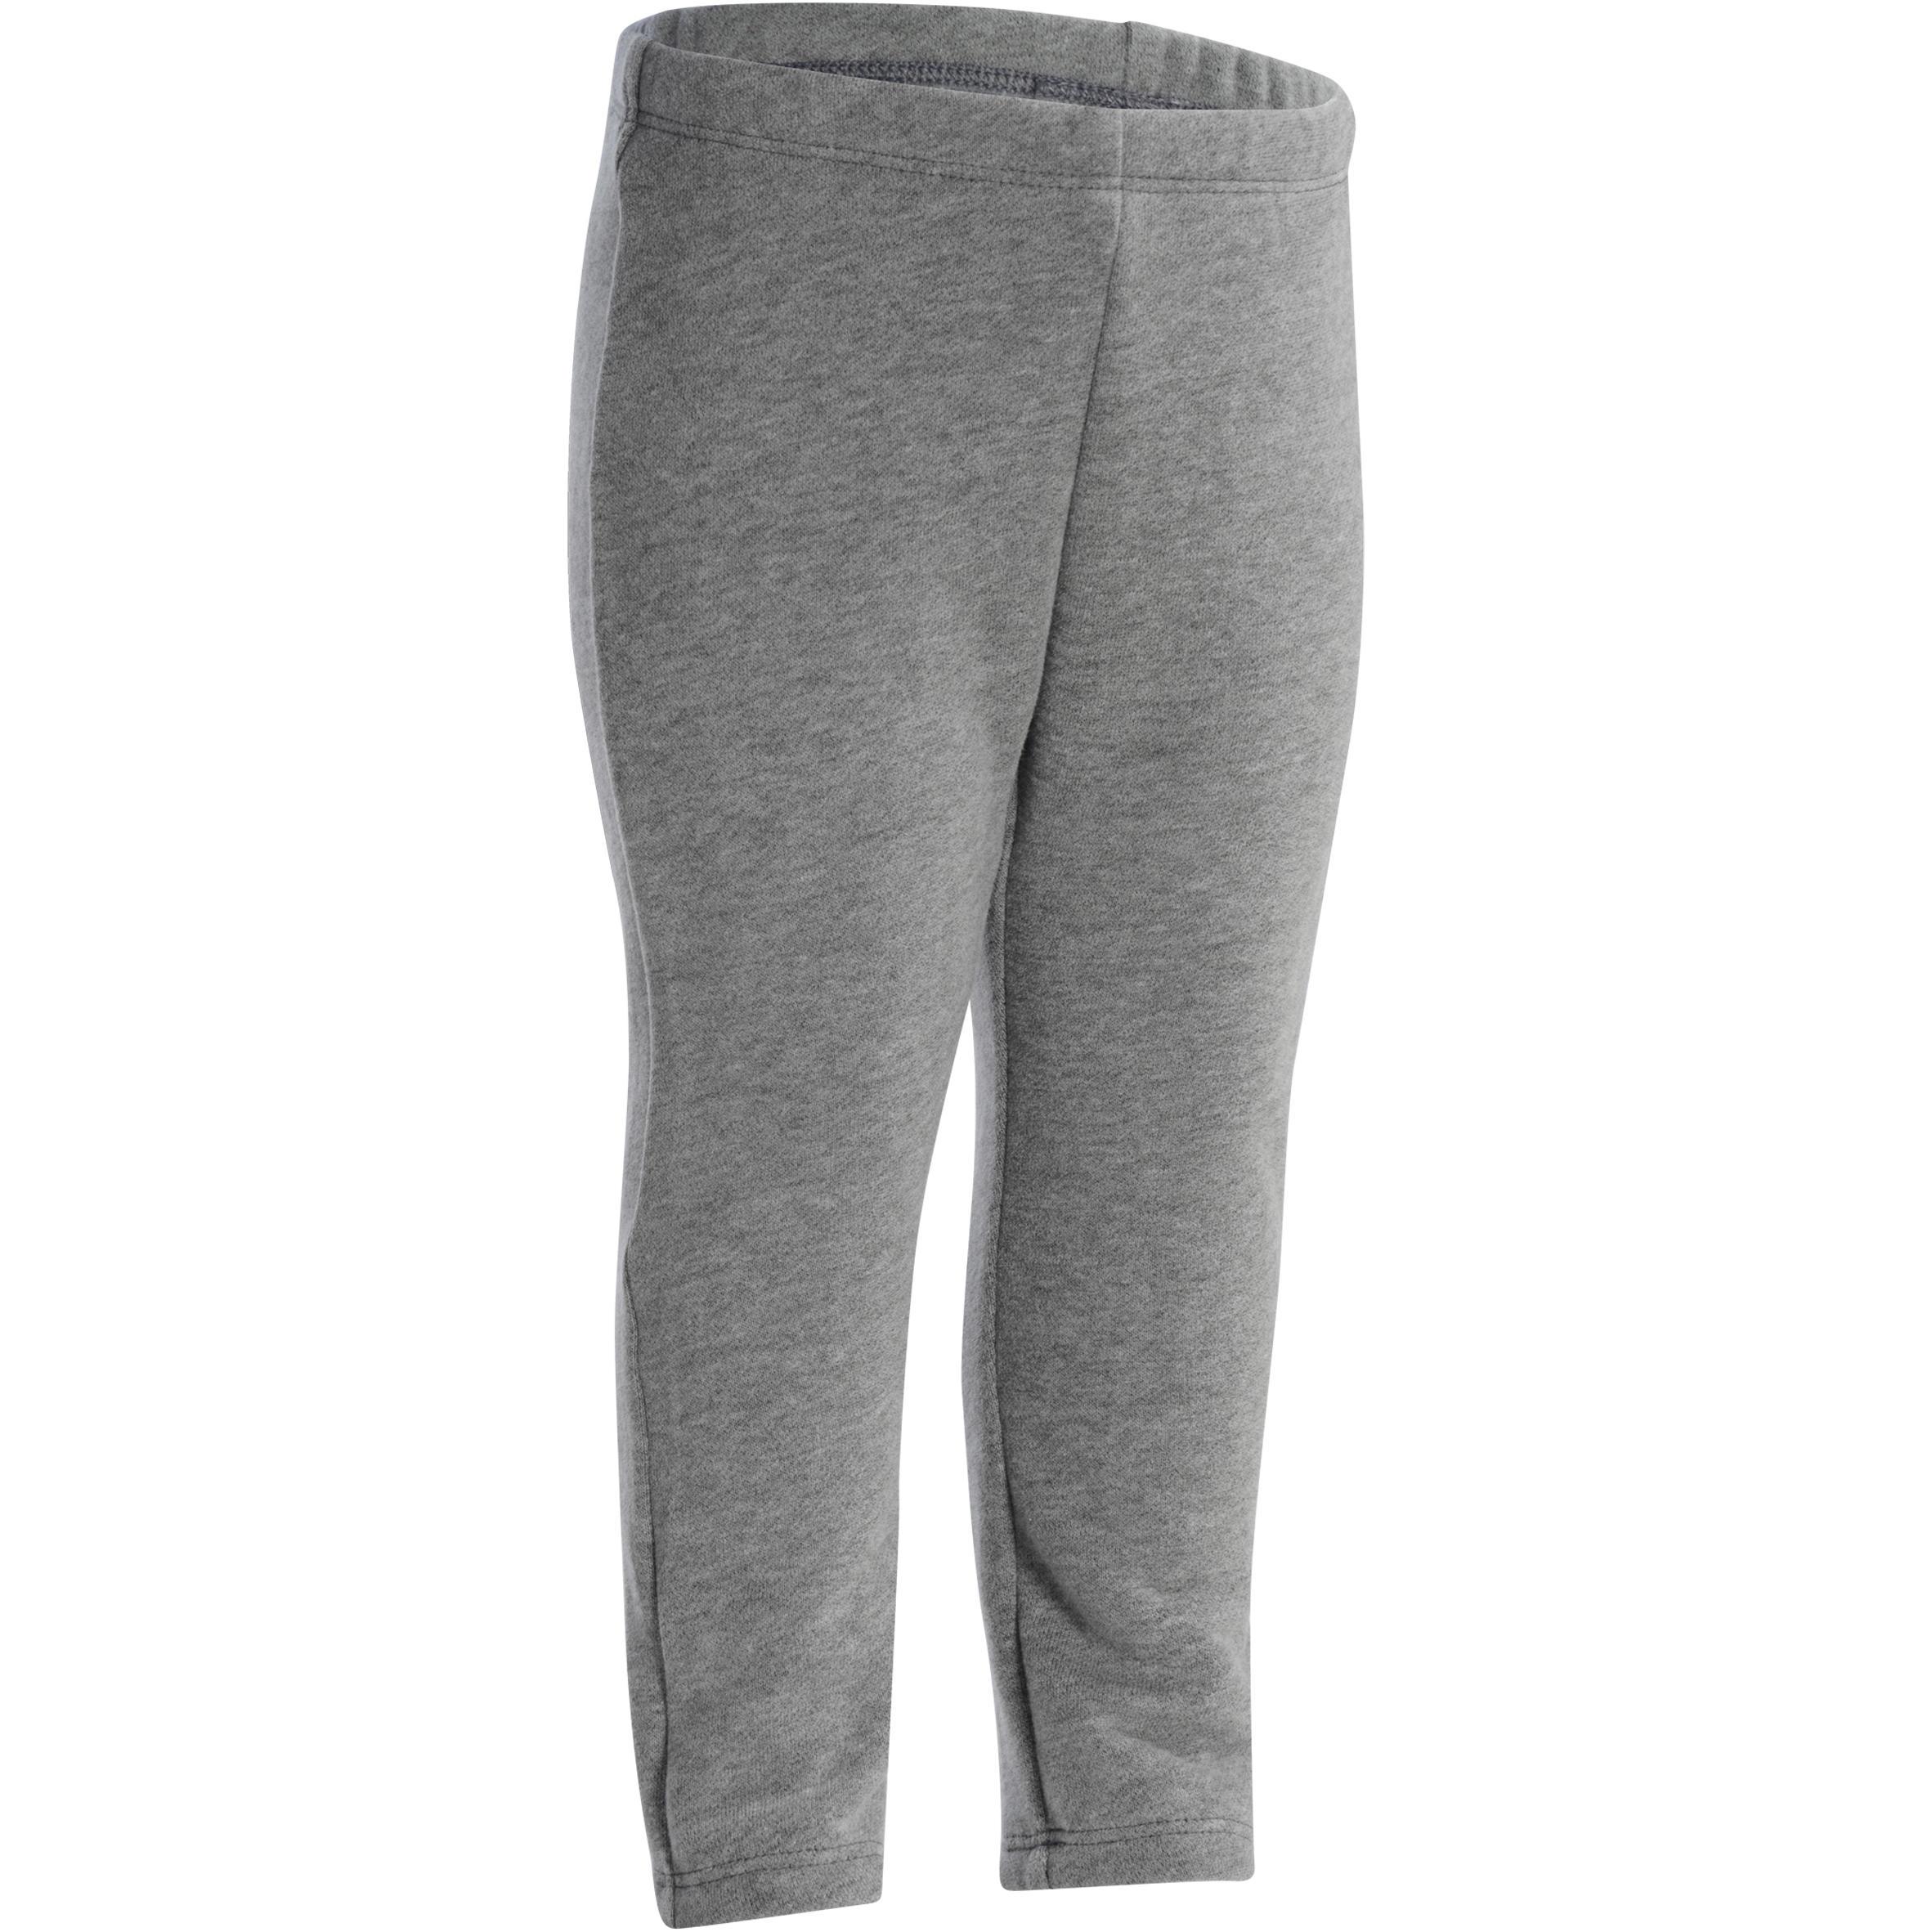 100 Warm'y Baby Gym Bottoms - Grey